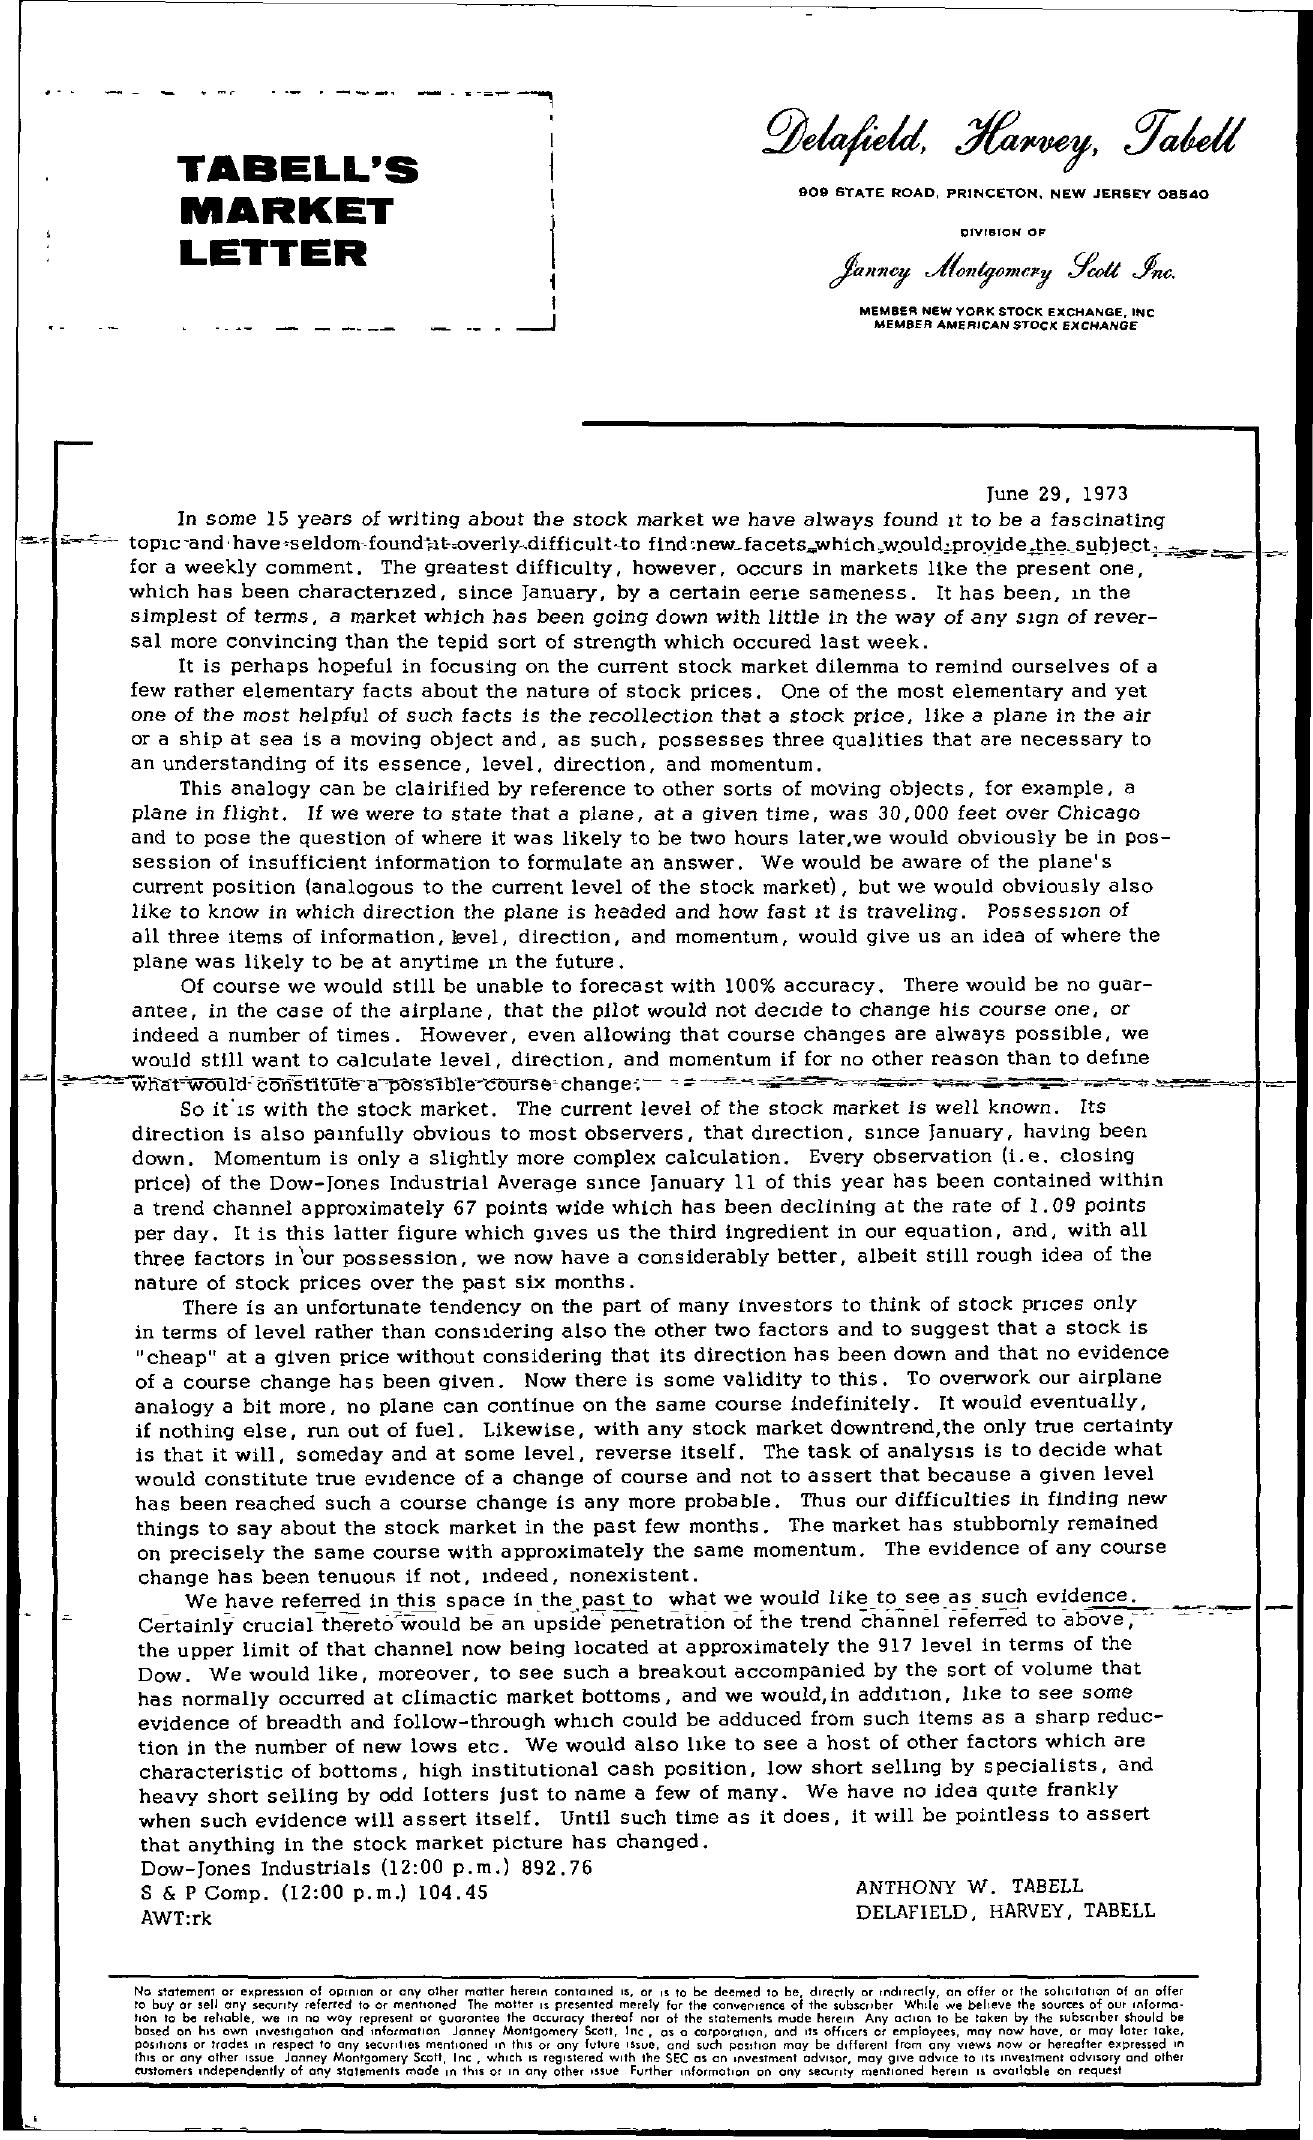 Tabell's Market Letter - June 29, 1973